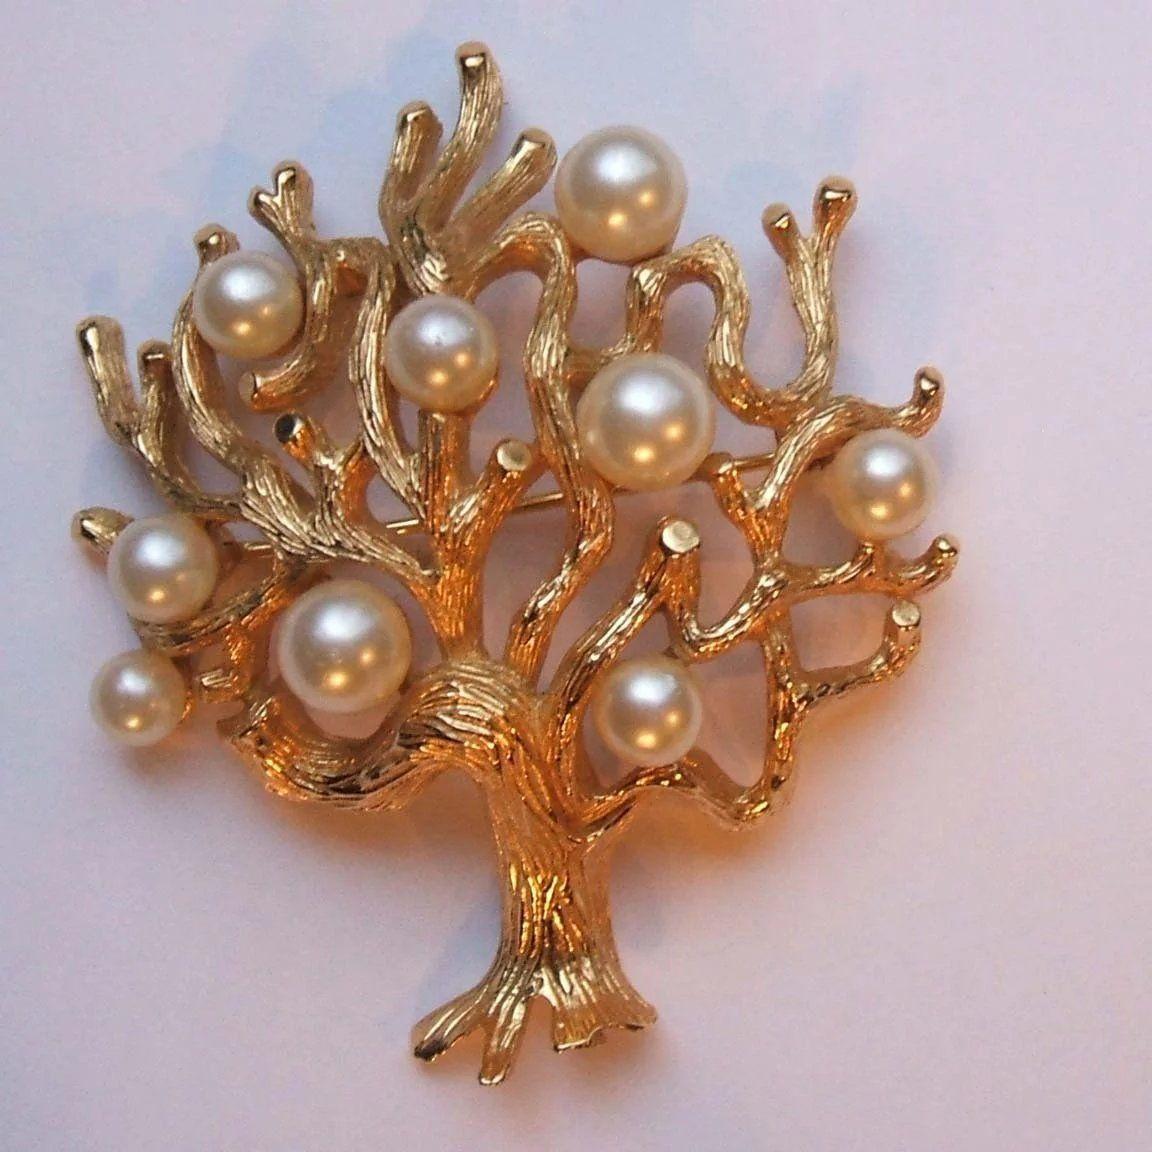 holiday brooch Monet gold brooch vintage brooch women/'s gift gold brooch gold and red brooch designer brooch